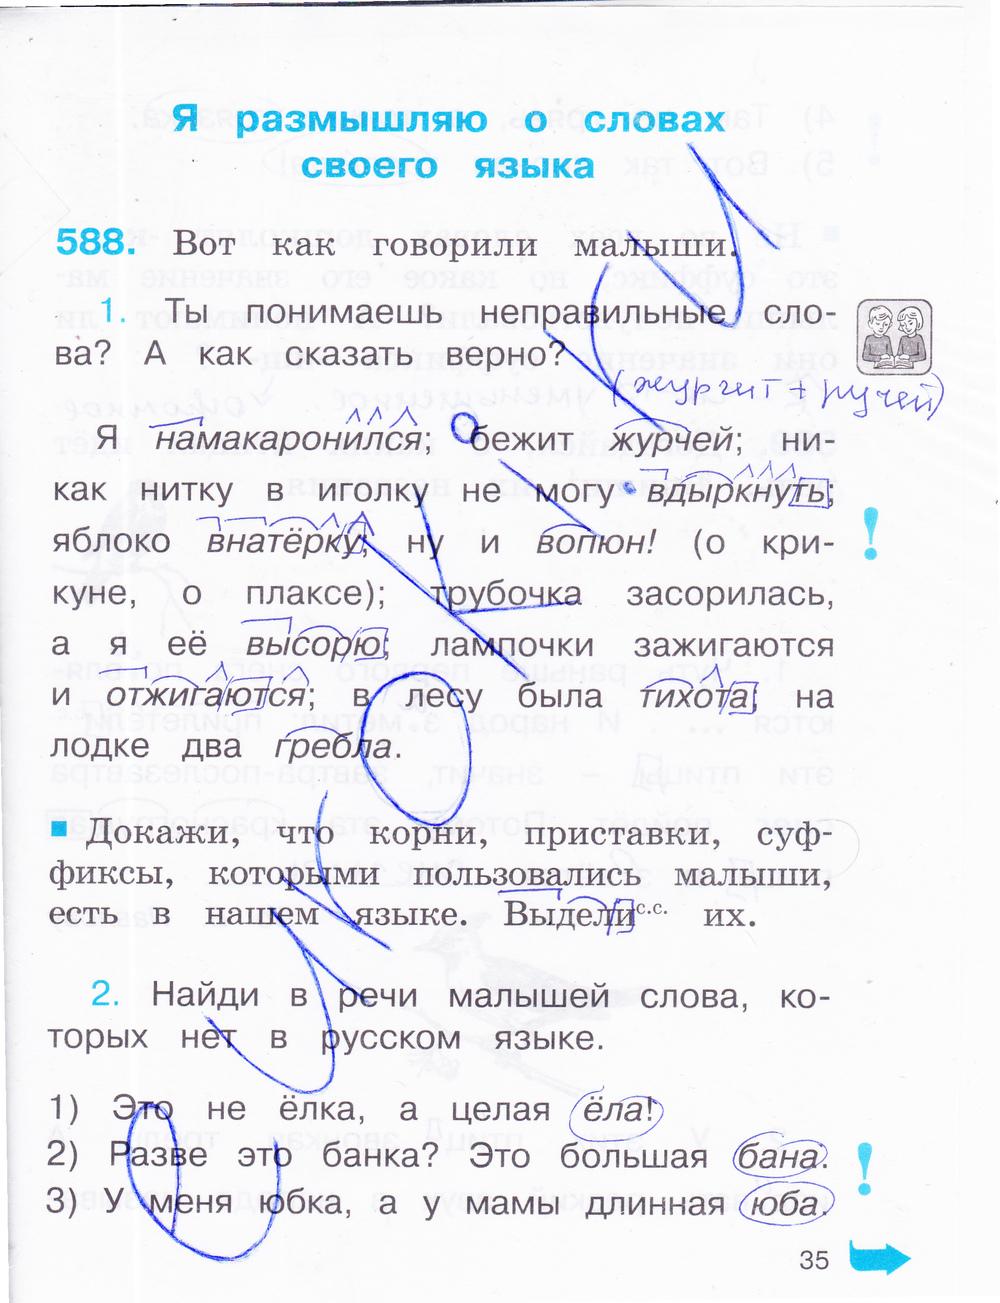 гармония русскому языку соловейчик по решебник кузьменко класс 4